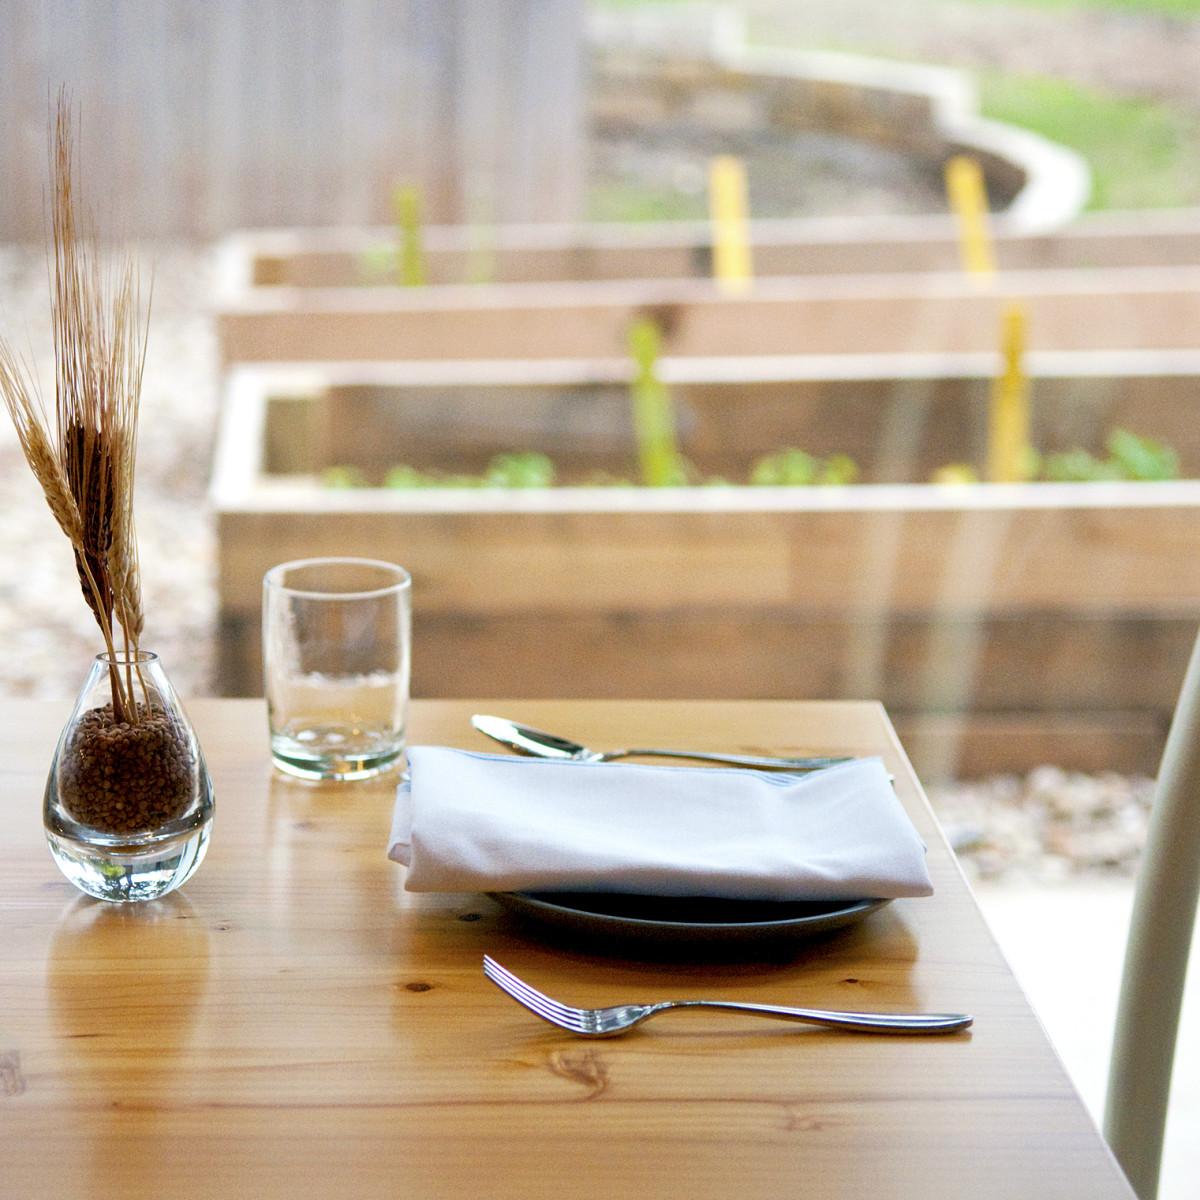 Emmer and Rye 2015 Austin restaurant garden beds